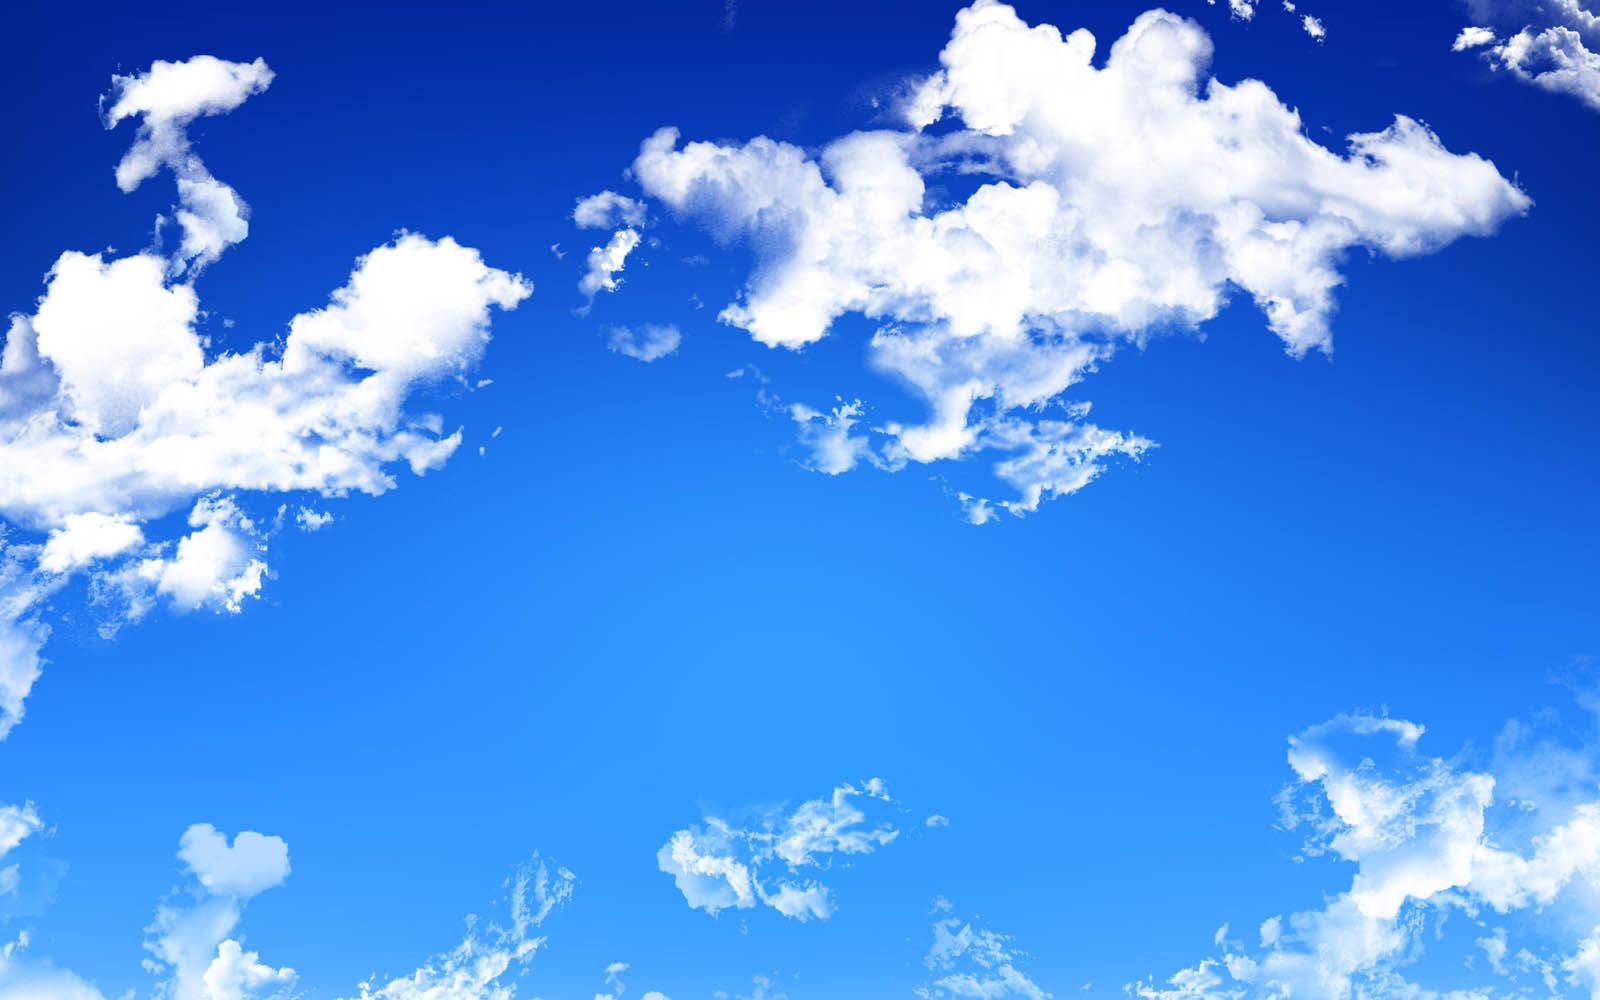 Desktop Wallpapers Blue Sky Desktop Wallpapers 1600x1000